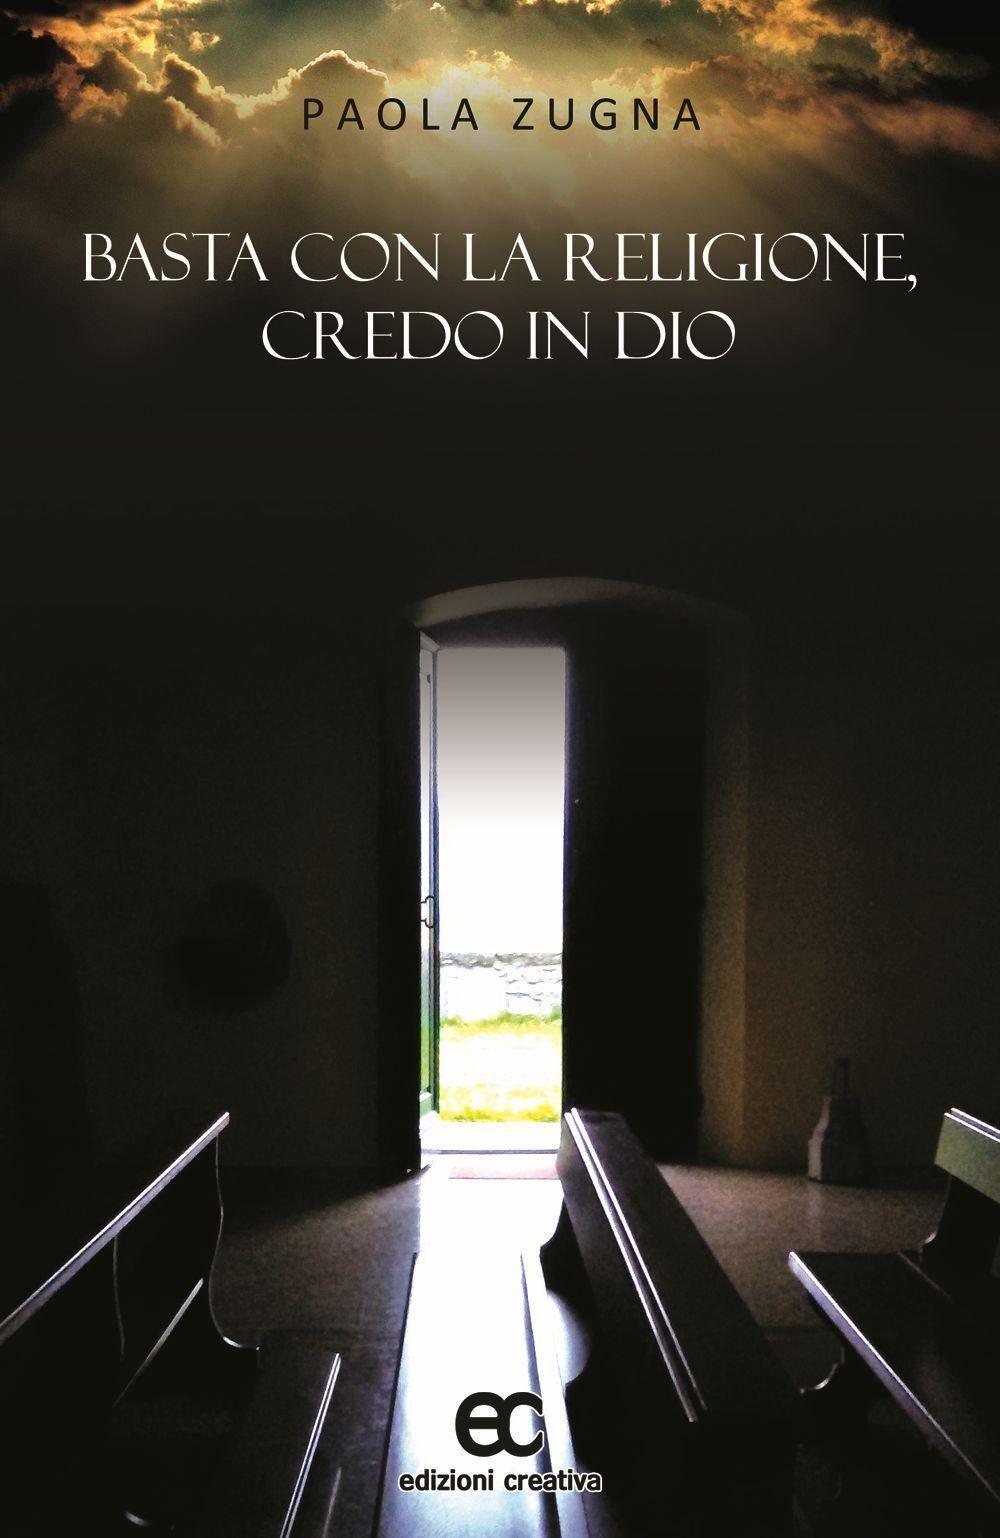 Basta con la religione, credo in Dio